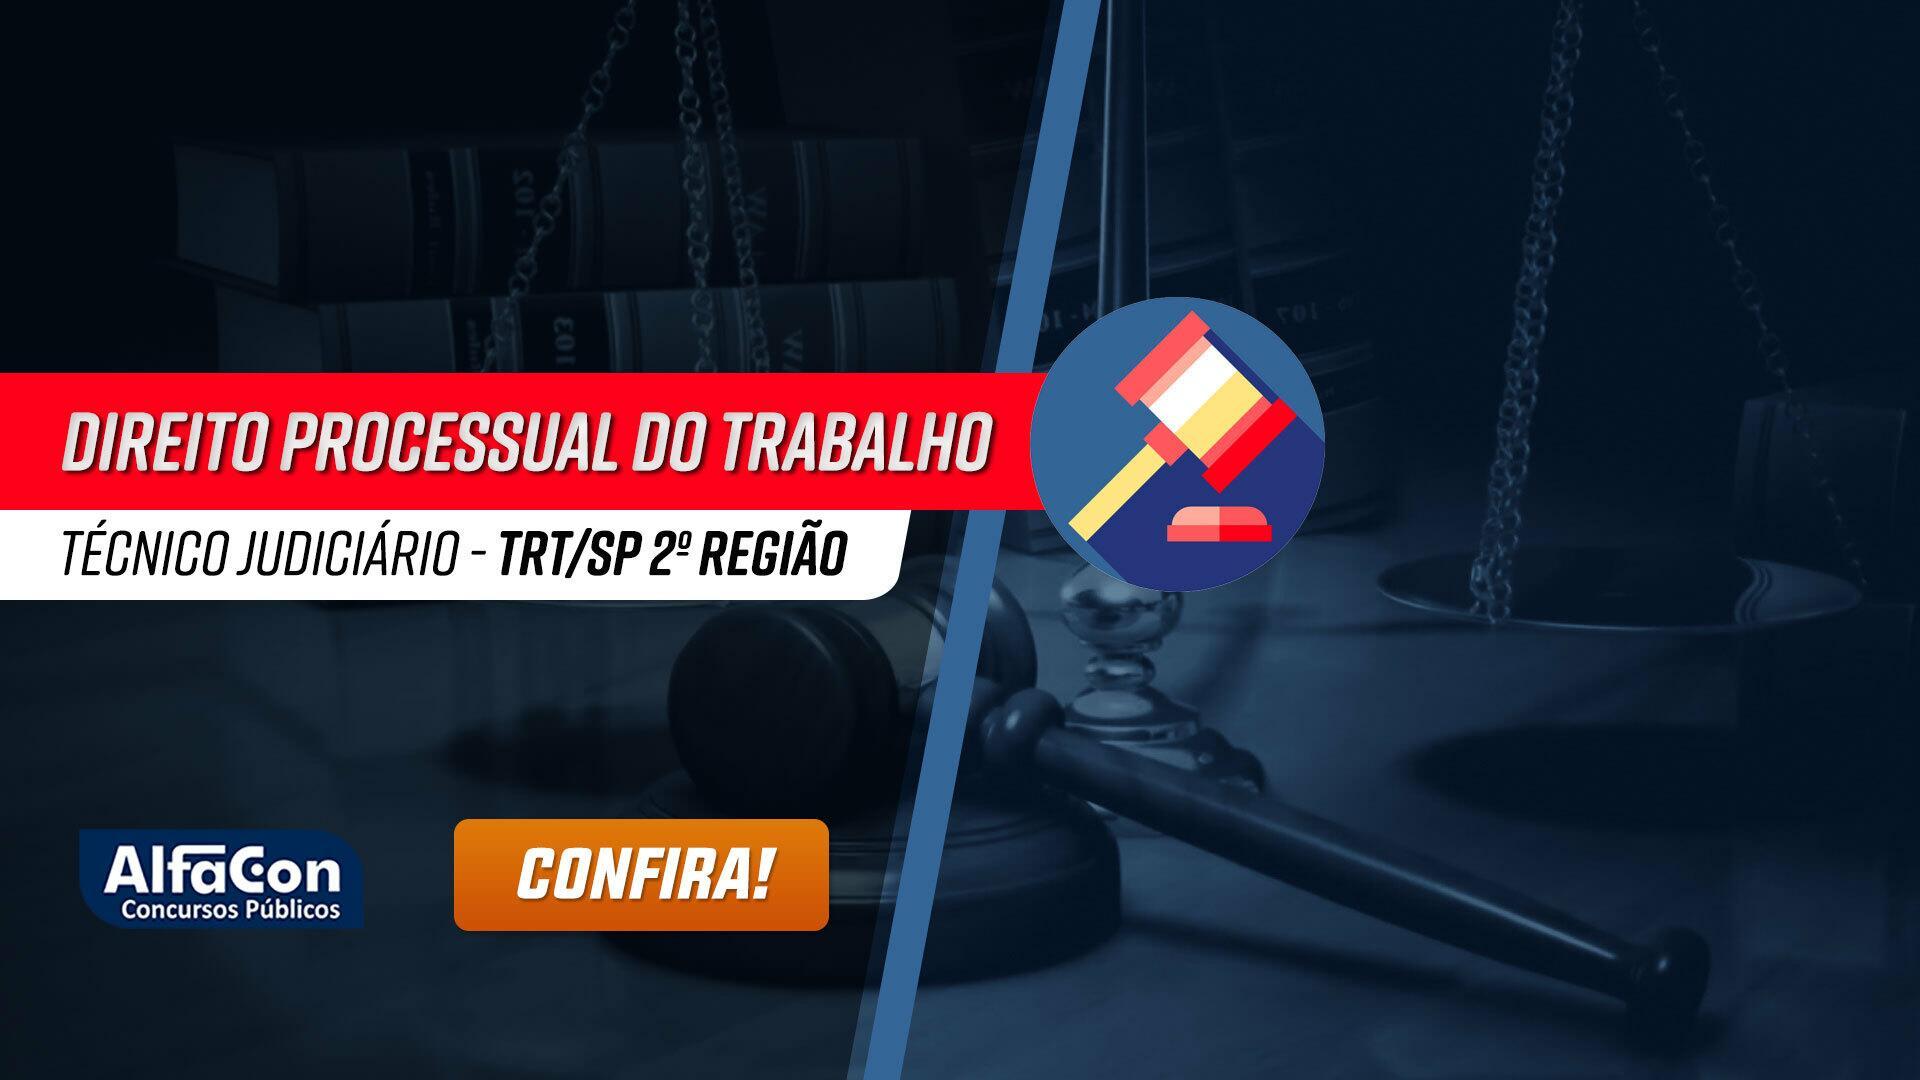 Direito Processual do Trabalho para TRT SP (2ª Região) - Técnico Judiciário - Área Administrativa